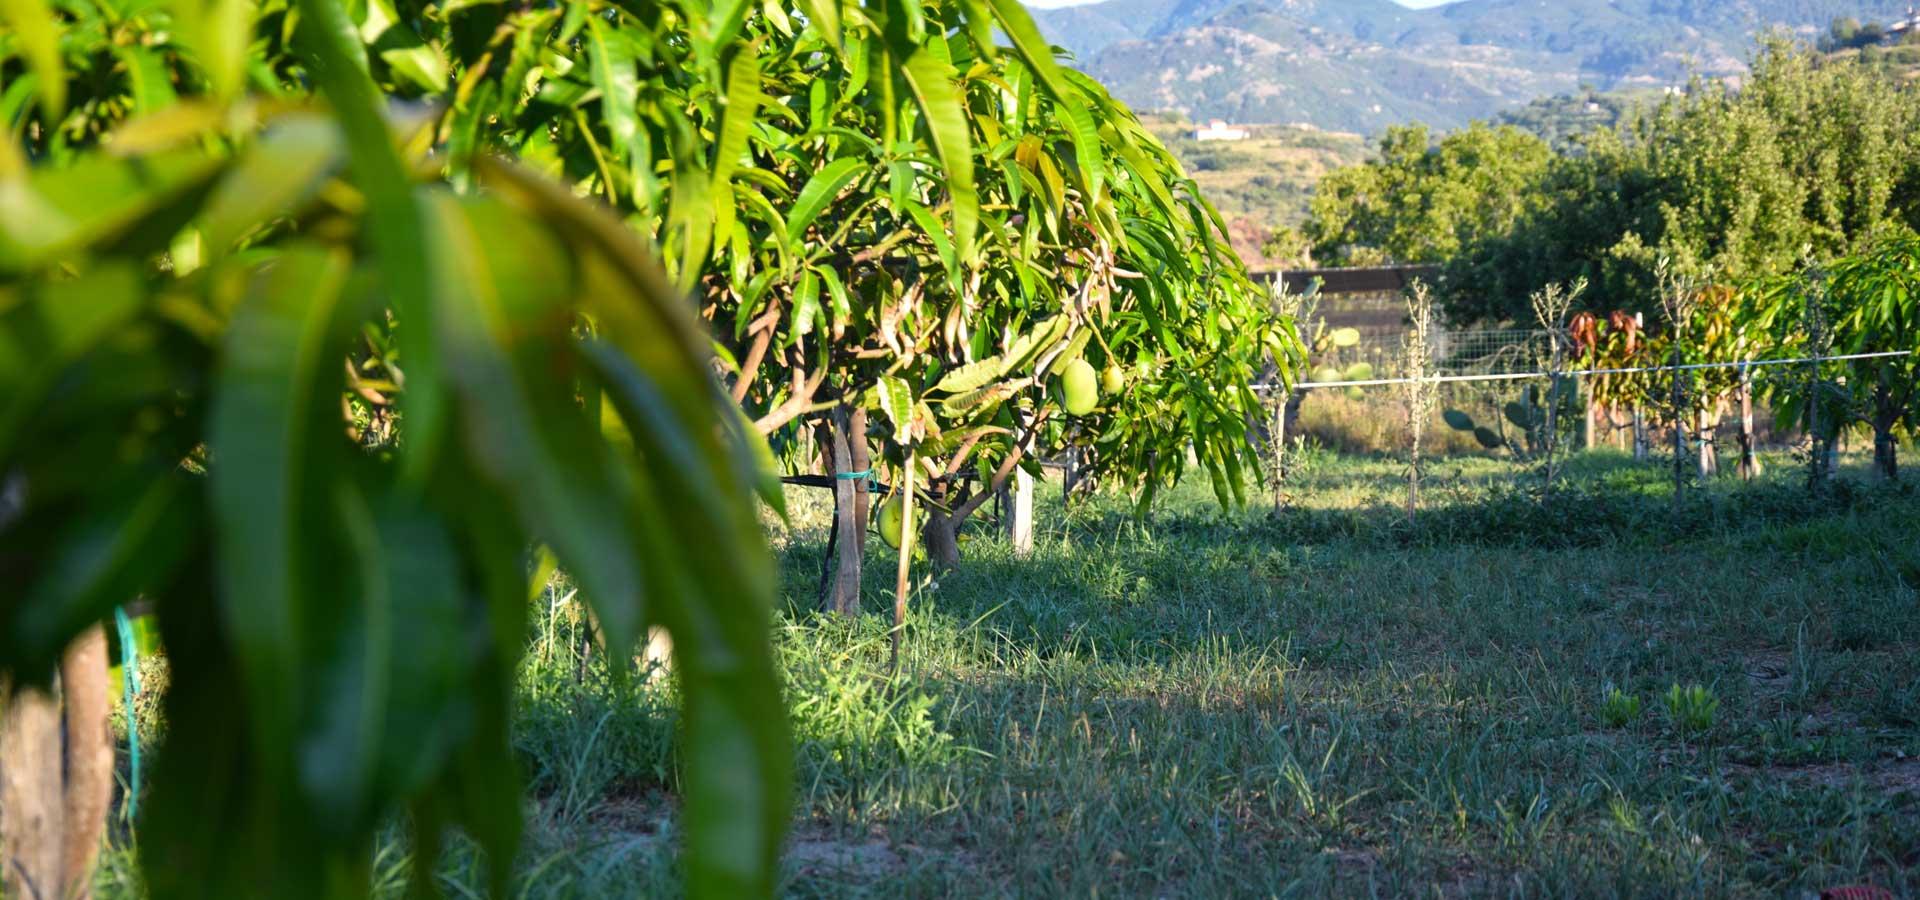 Impianti per l'irrigazione agricola: tipologie e caratteristiche dei sistemi irrigui più diffusi